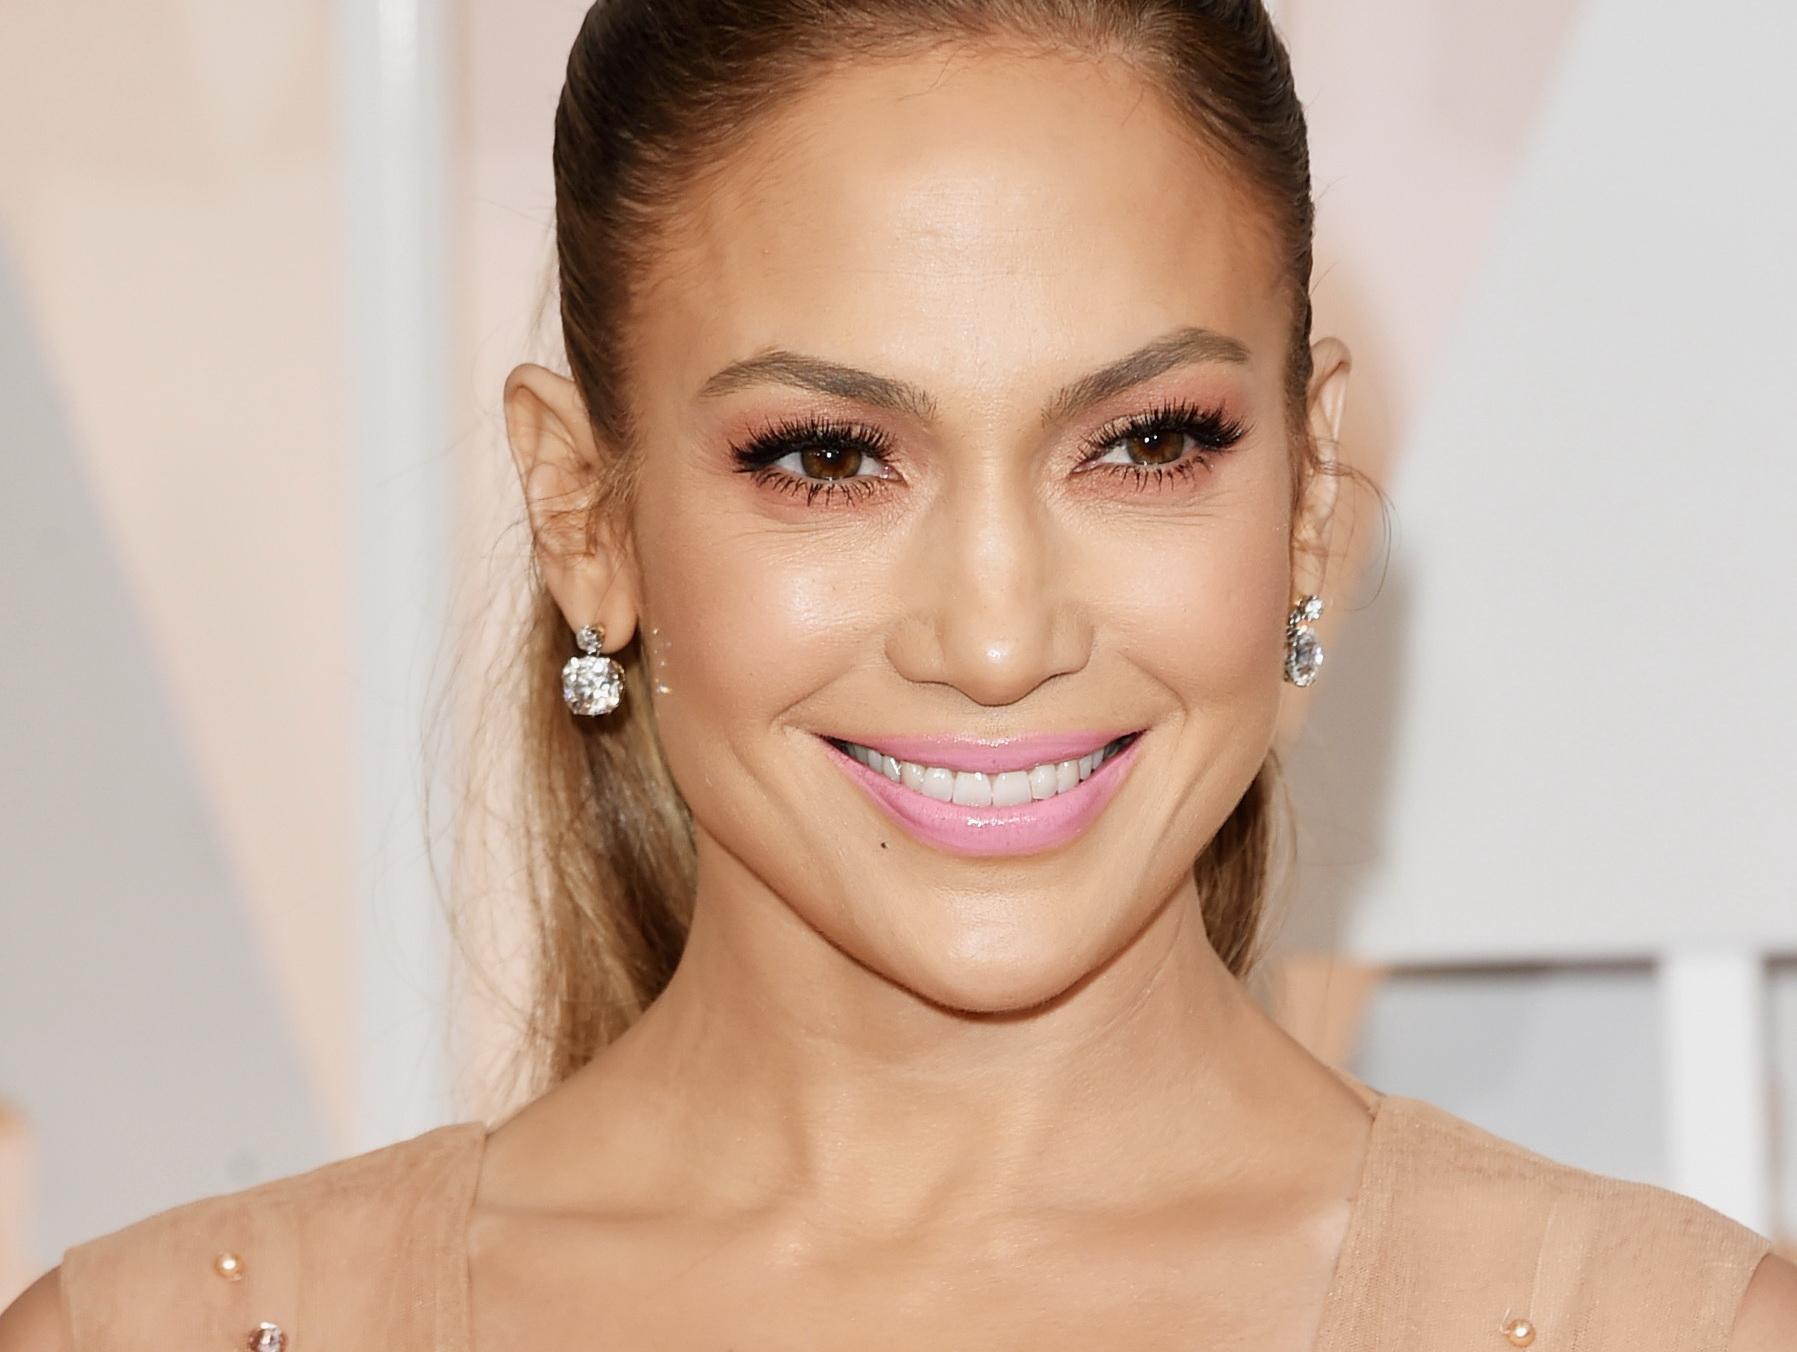 Noi imagini cu Jennifer Lopez au devenit virale. Ce se întâmplă între ea și iubitul ei